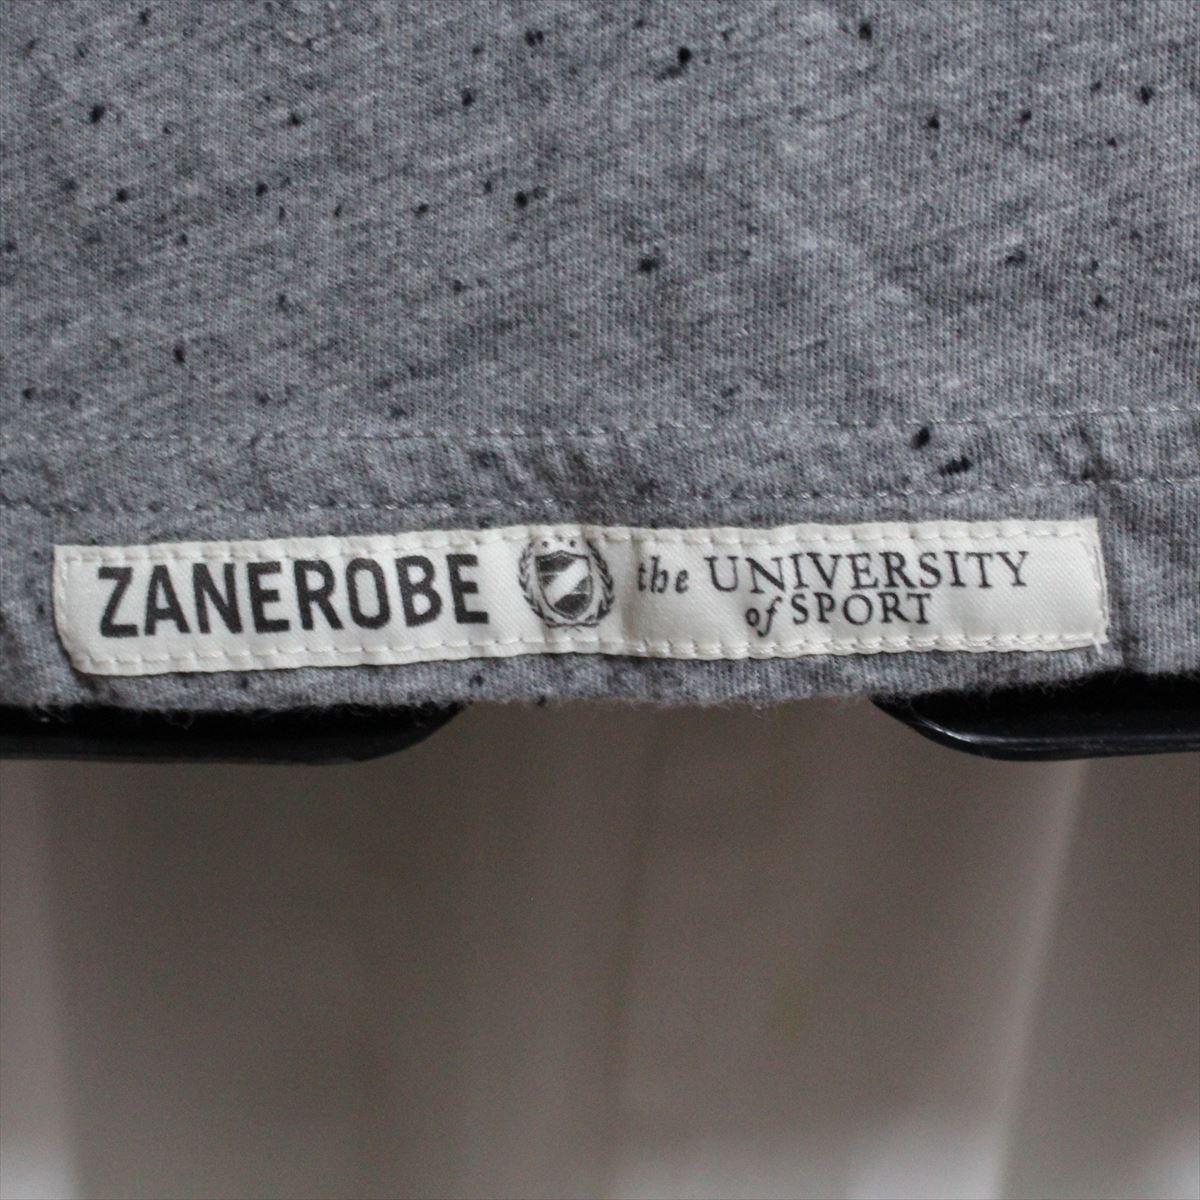 ゼインローブ ZANEROBE メンズ半袖Tシャツ グレー XSサイズ 新品 ESQUIL_画像5